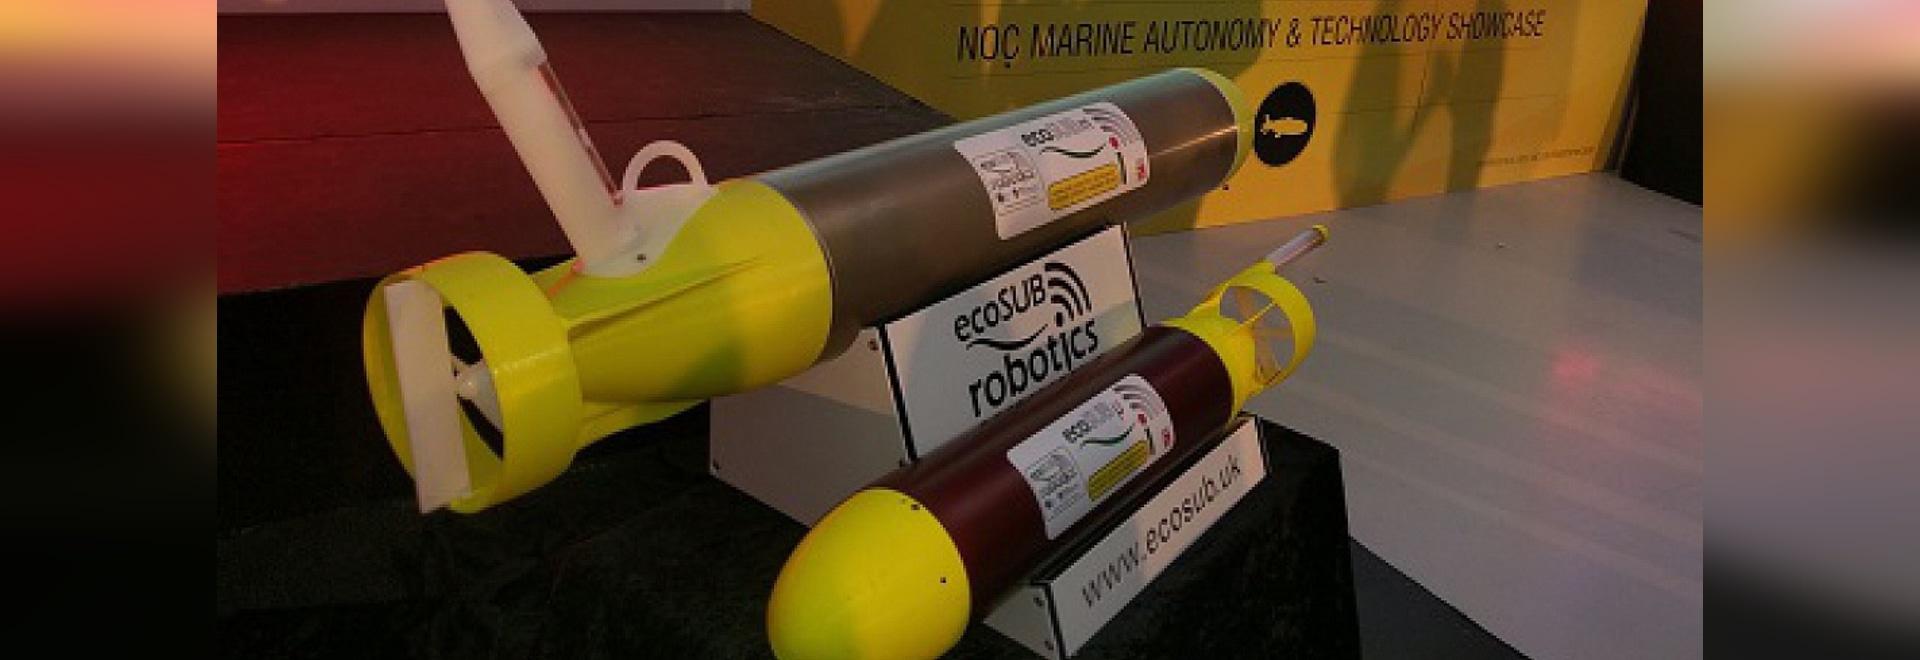 L'ecoSUBm innovateur et l'ecoSUBμ plus petit (courtoisie de NOC)